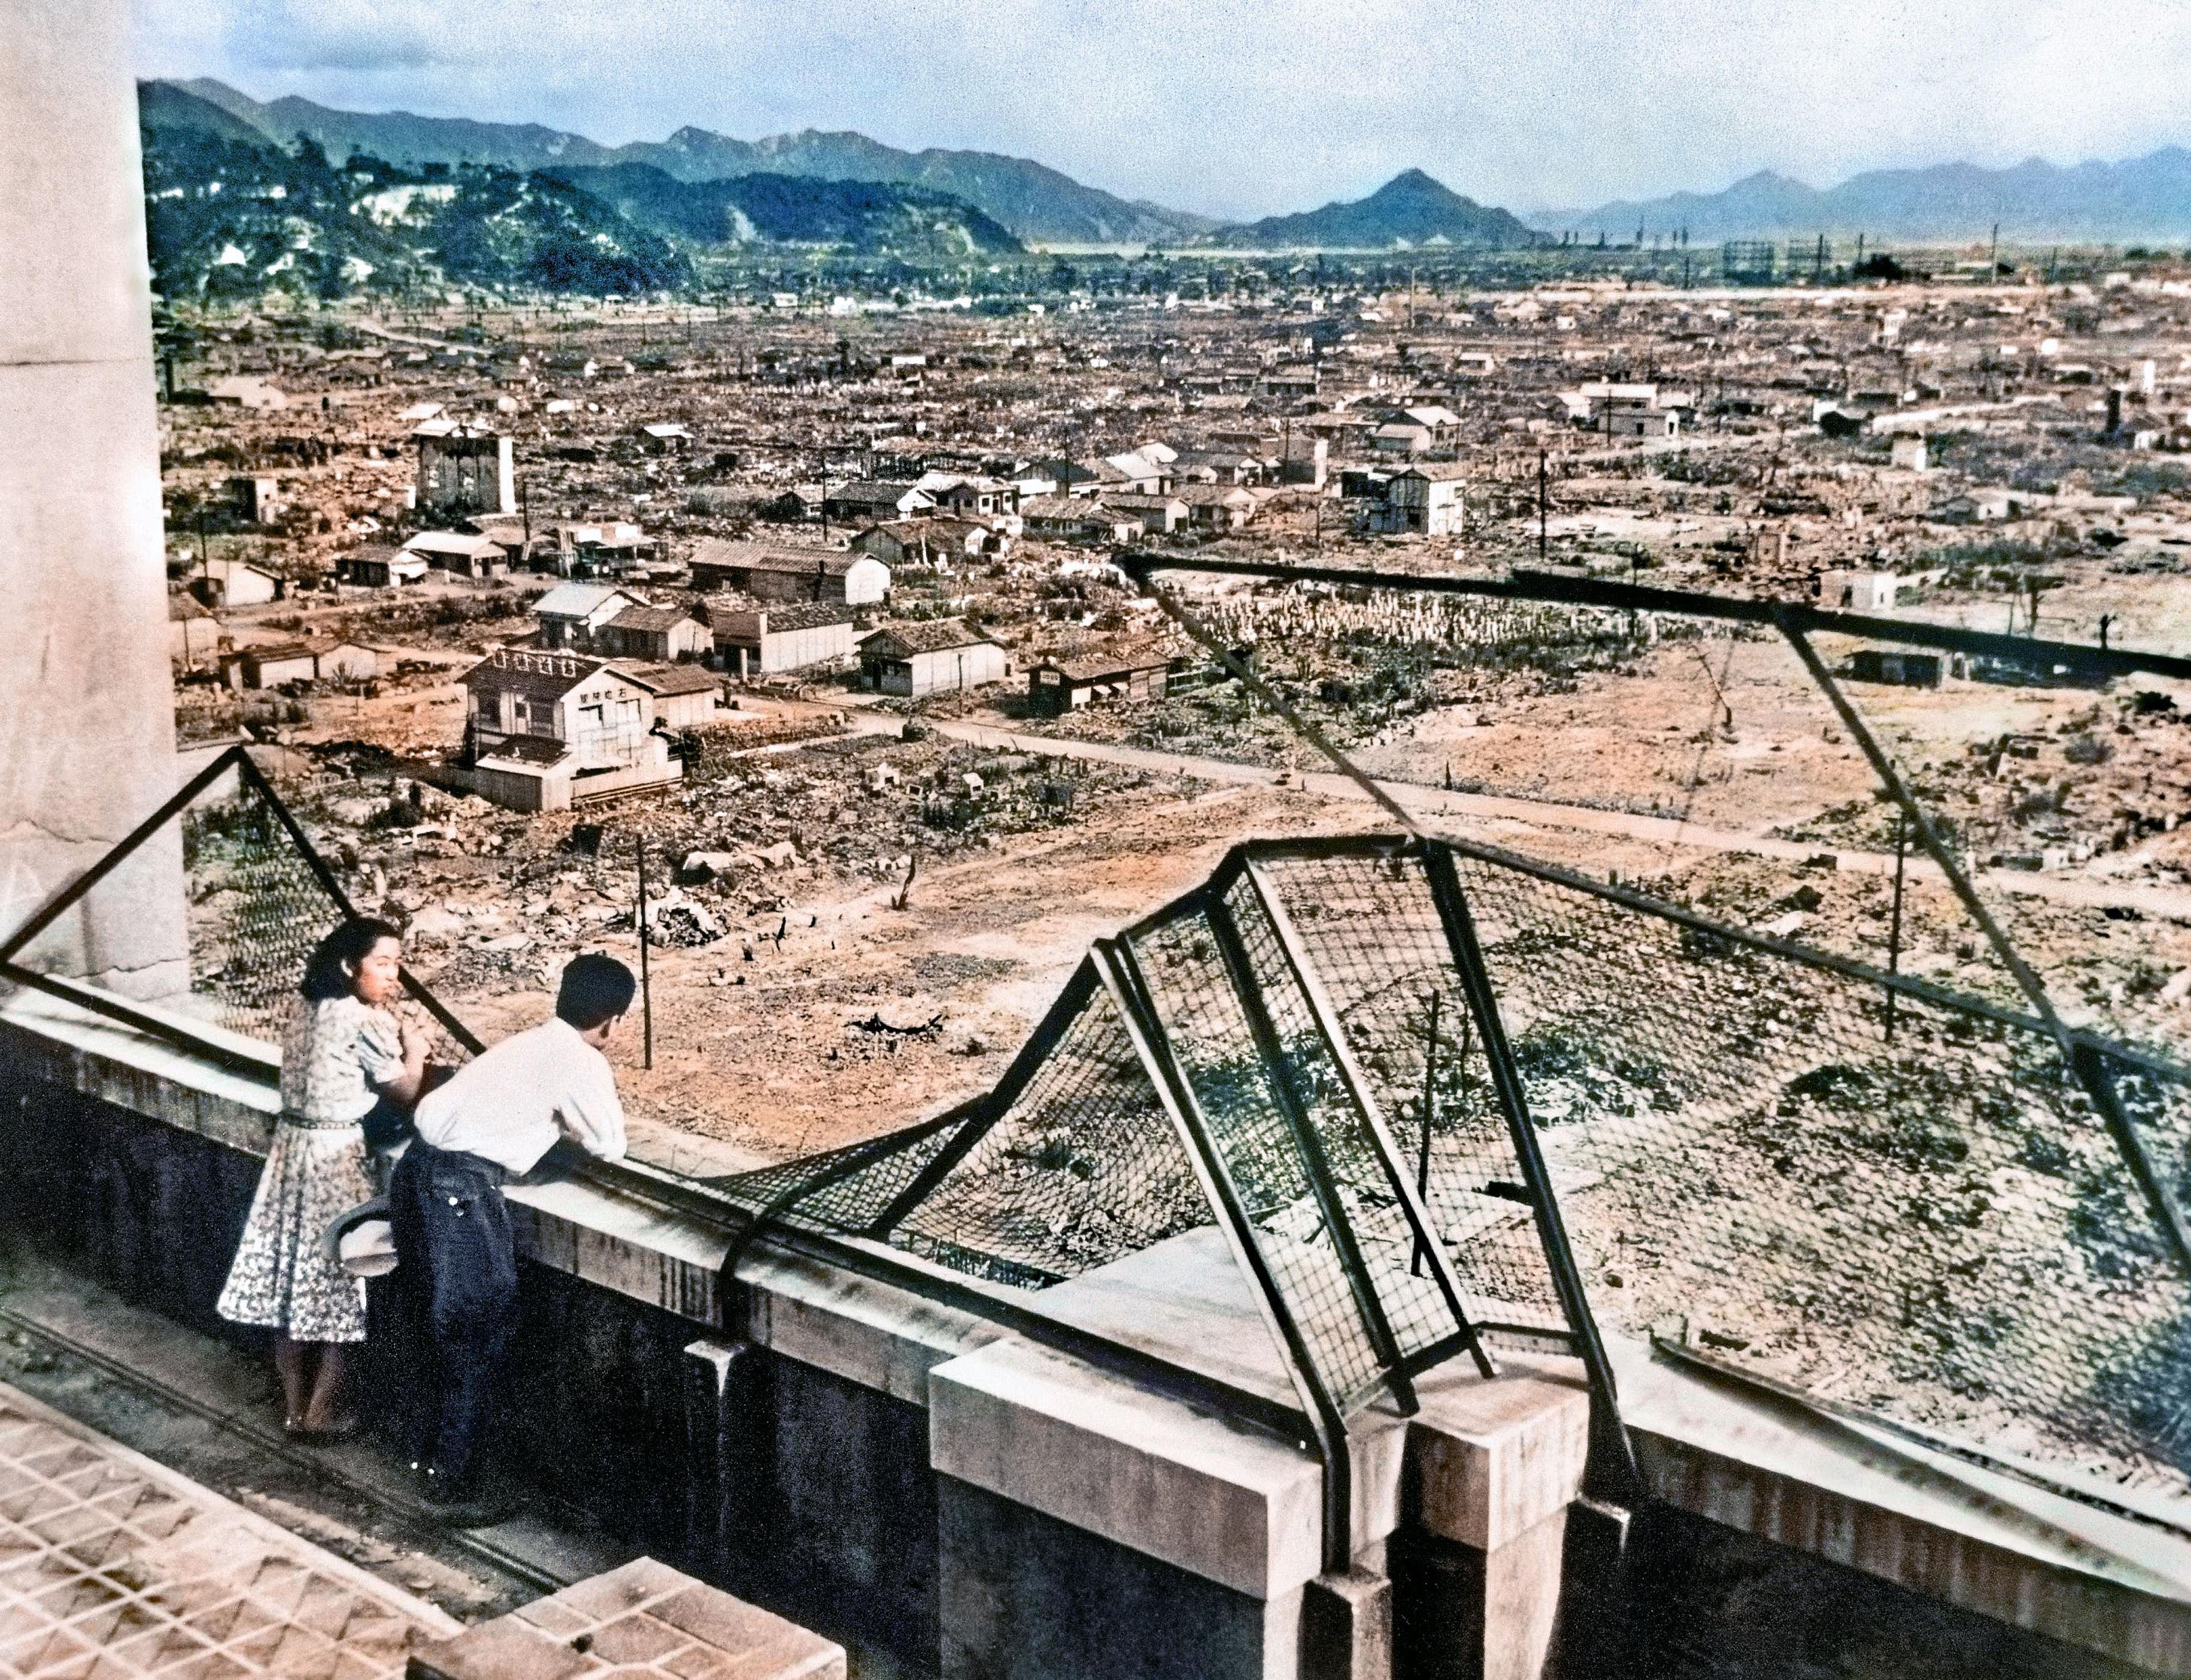 被爆翌年撮影の恋人は「私と妻」 広島の男性、写真出版で名乗り